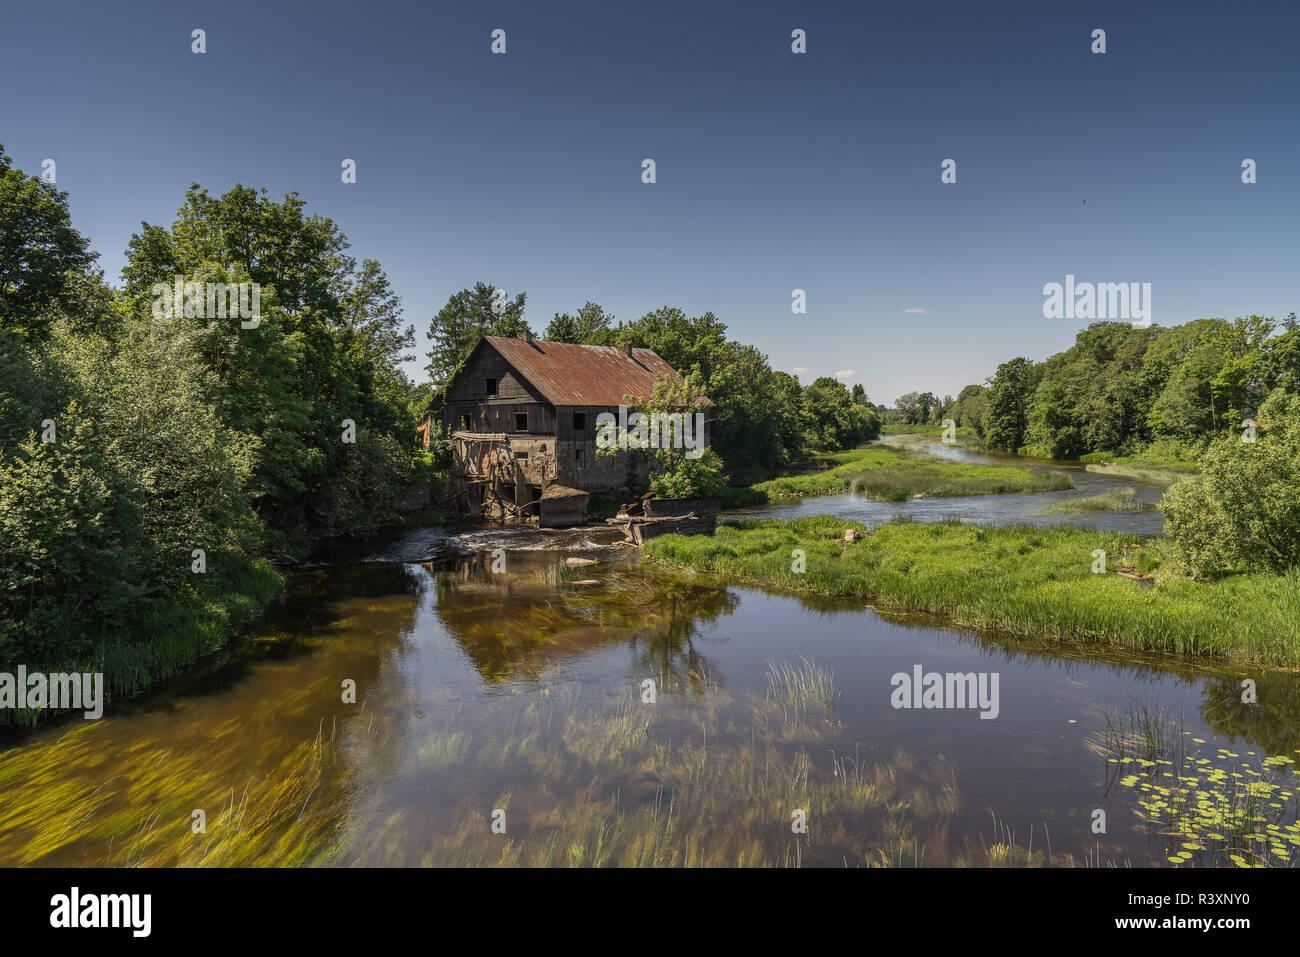 Ancien moulin à eau abandonnés entouré par une nature magnifique. Maison construite en pierre et en bois, murs extérieurs et délabrées bridge sur la rivière est reflecti Banque D'Images